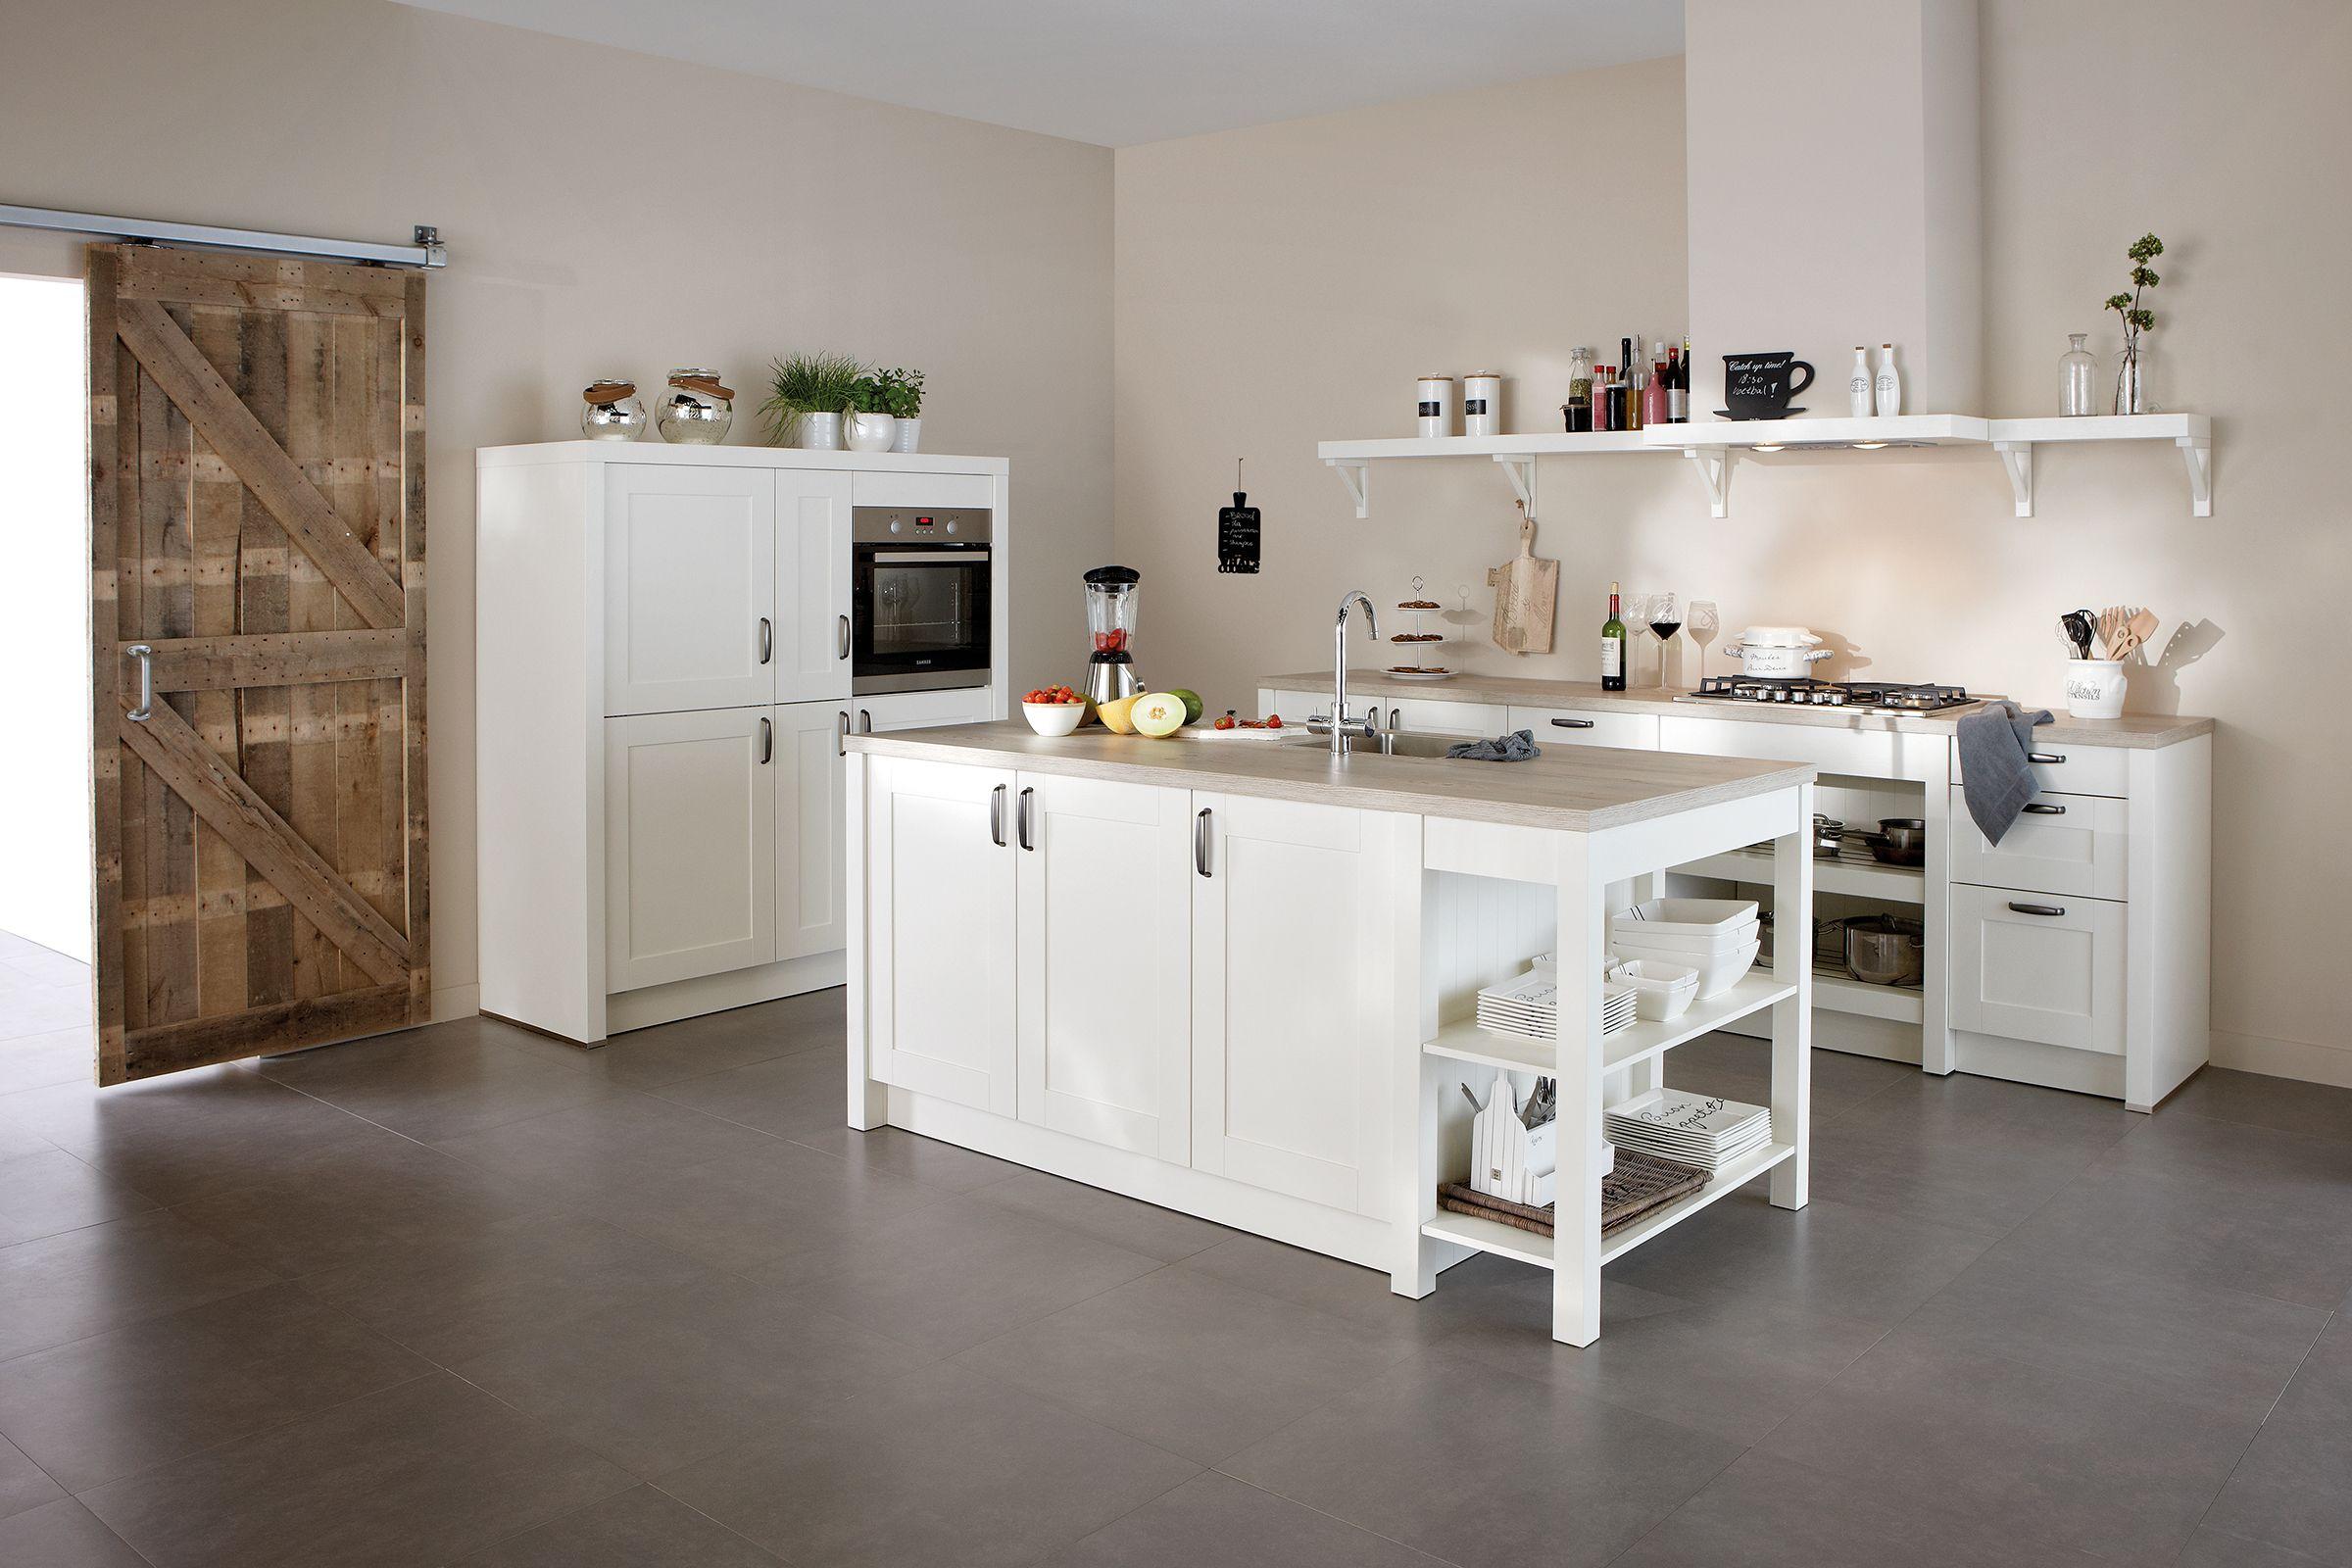 Praxis keukens ikea keuken kosten better keuken kopen ikea